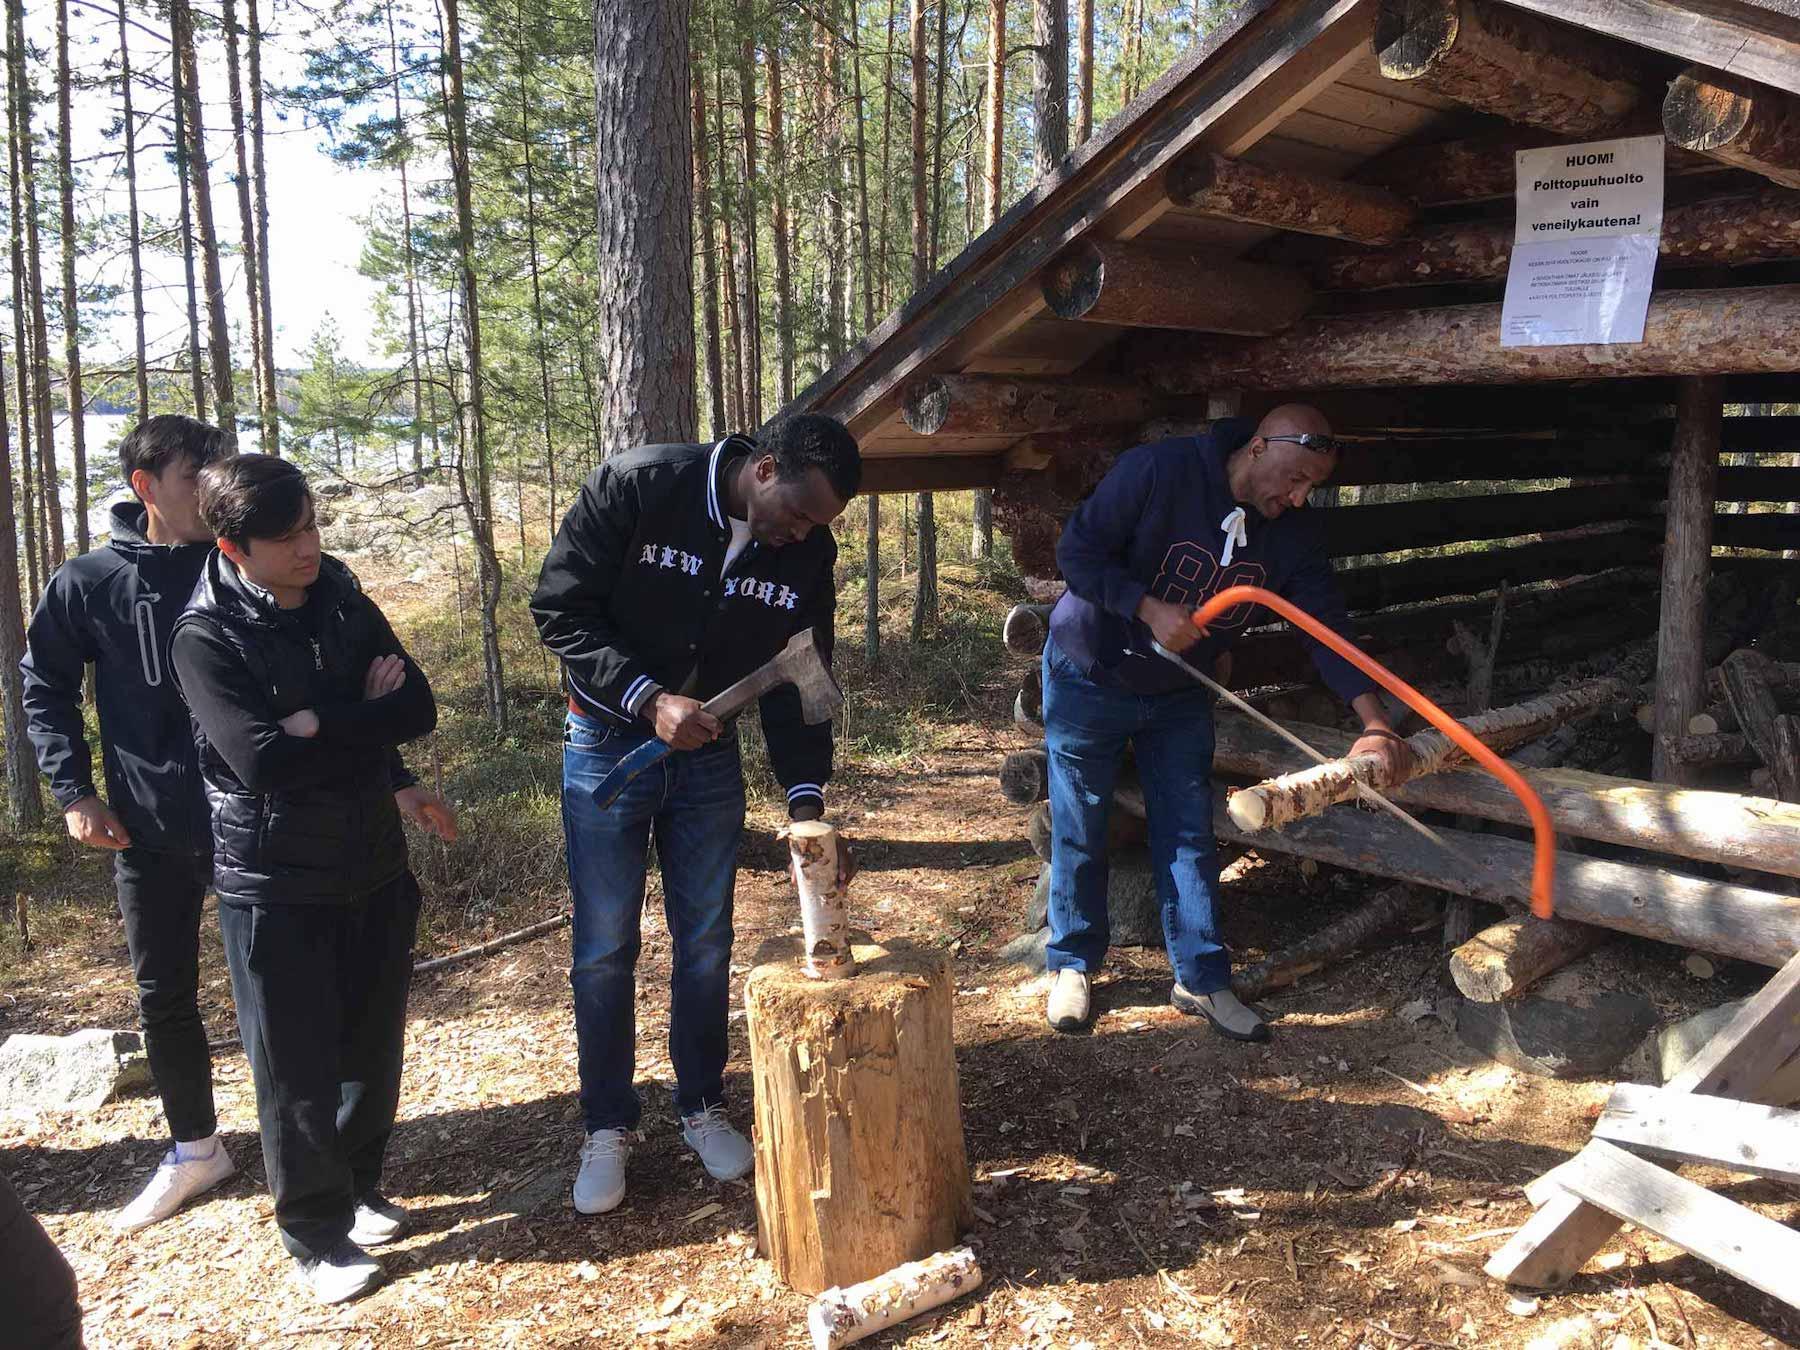 Kuvituskuva artikkelille 'Savonlinna: Luontoa ja yhdessä tekemistä maahanmuuttajille'